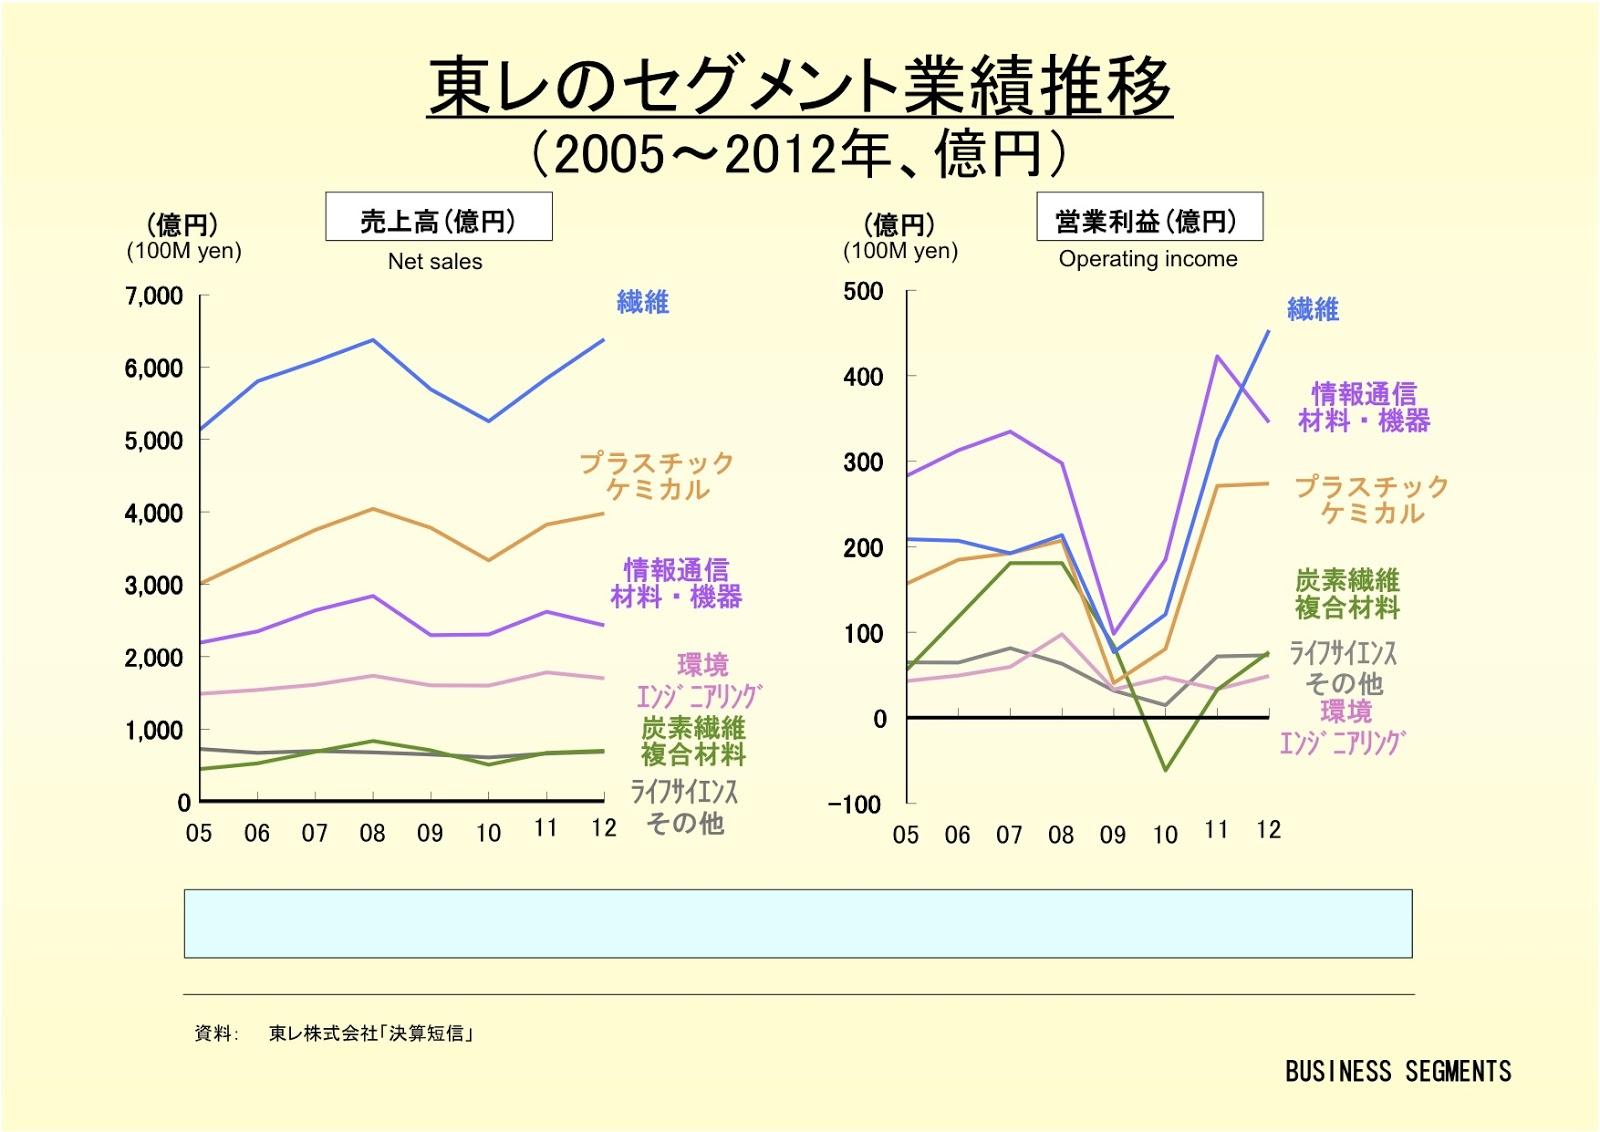 東レ株式会社のセグメント業績推移